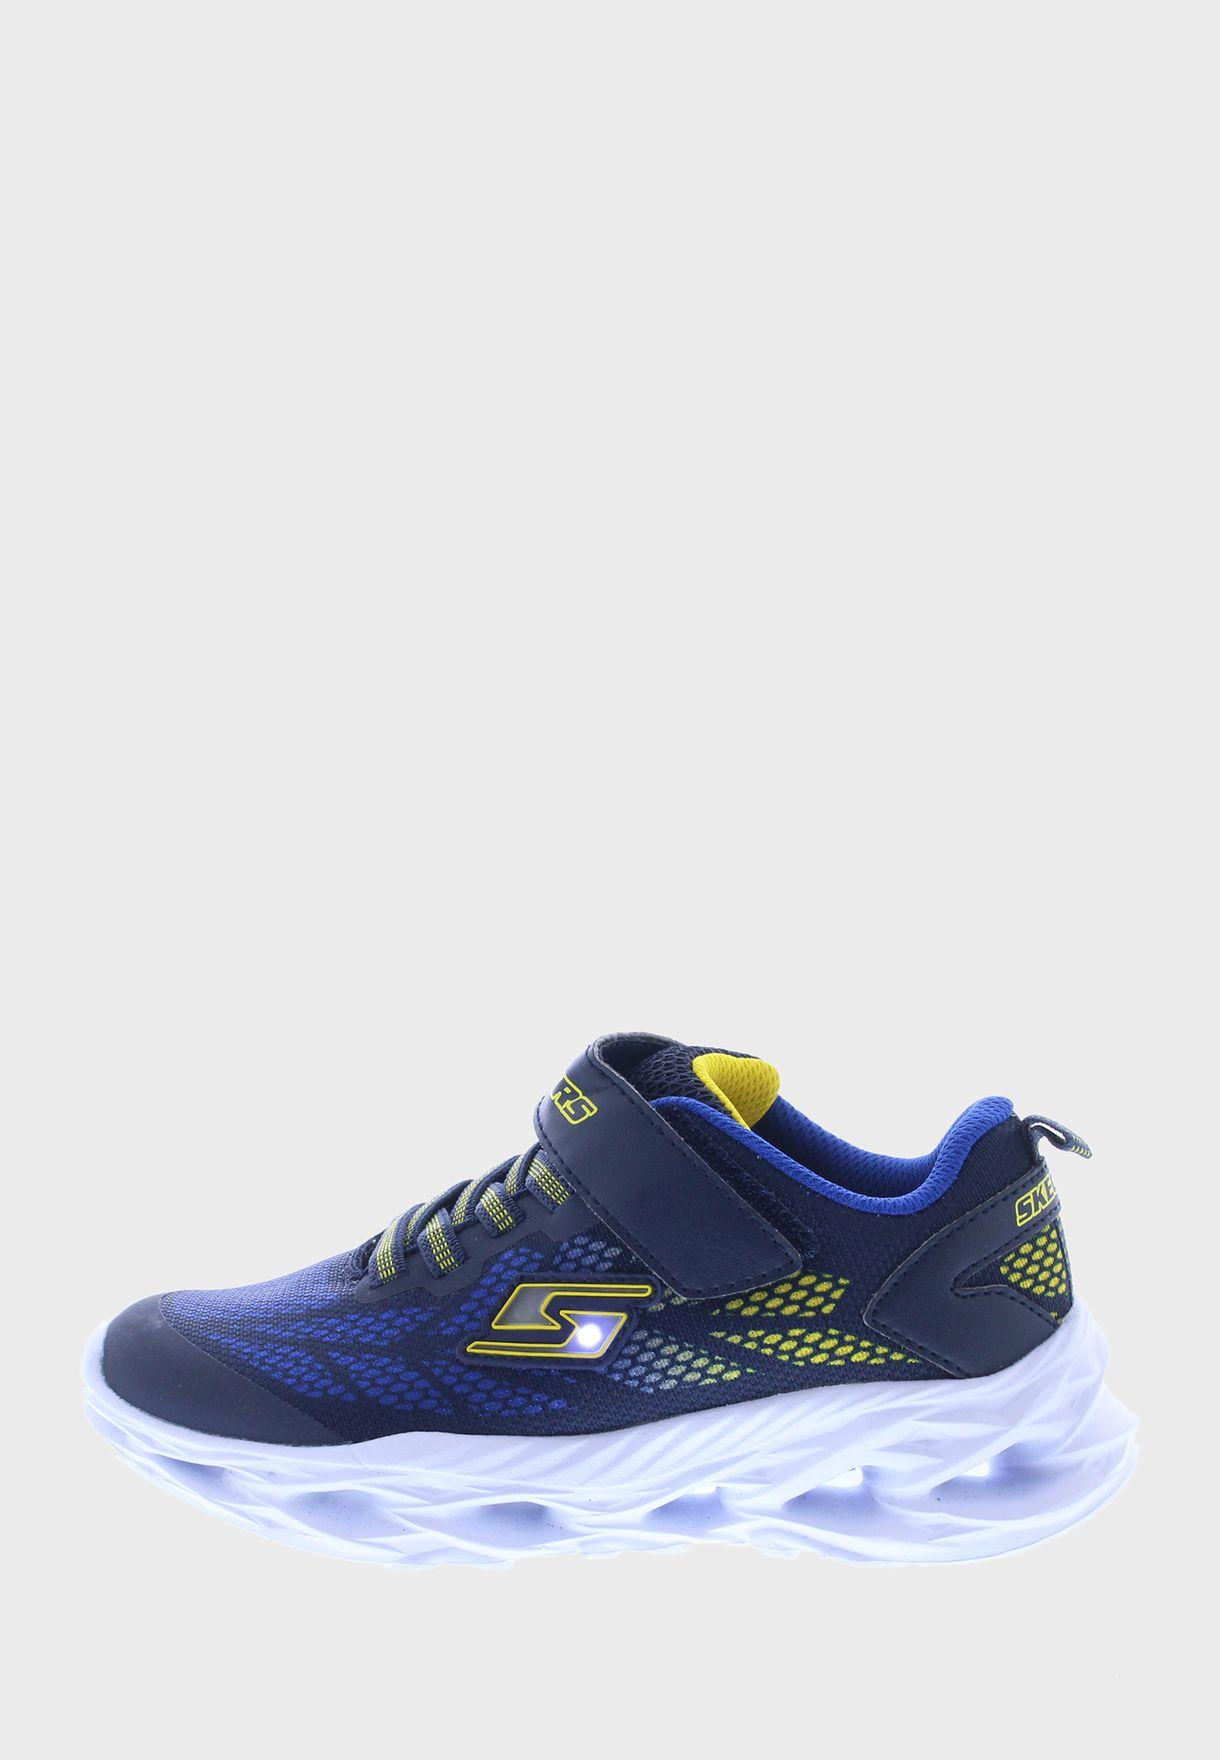 حذاء فورتكس - فلاش